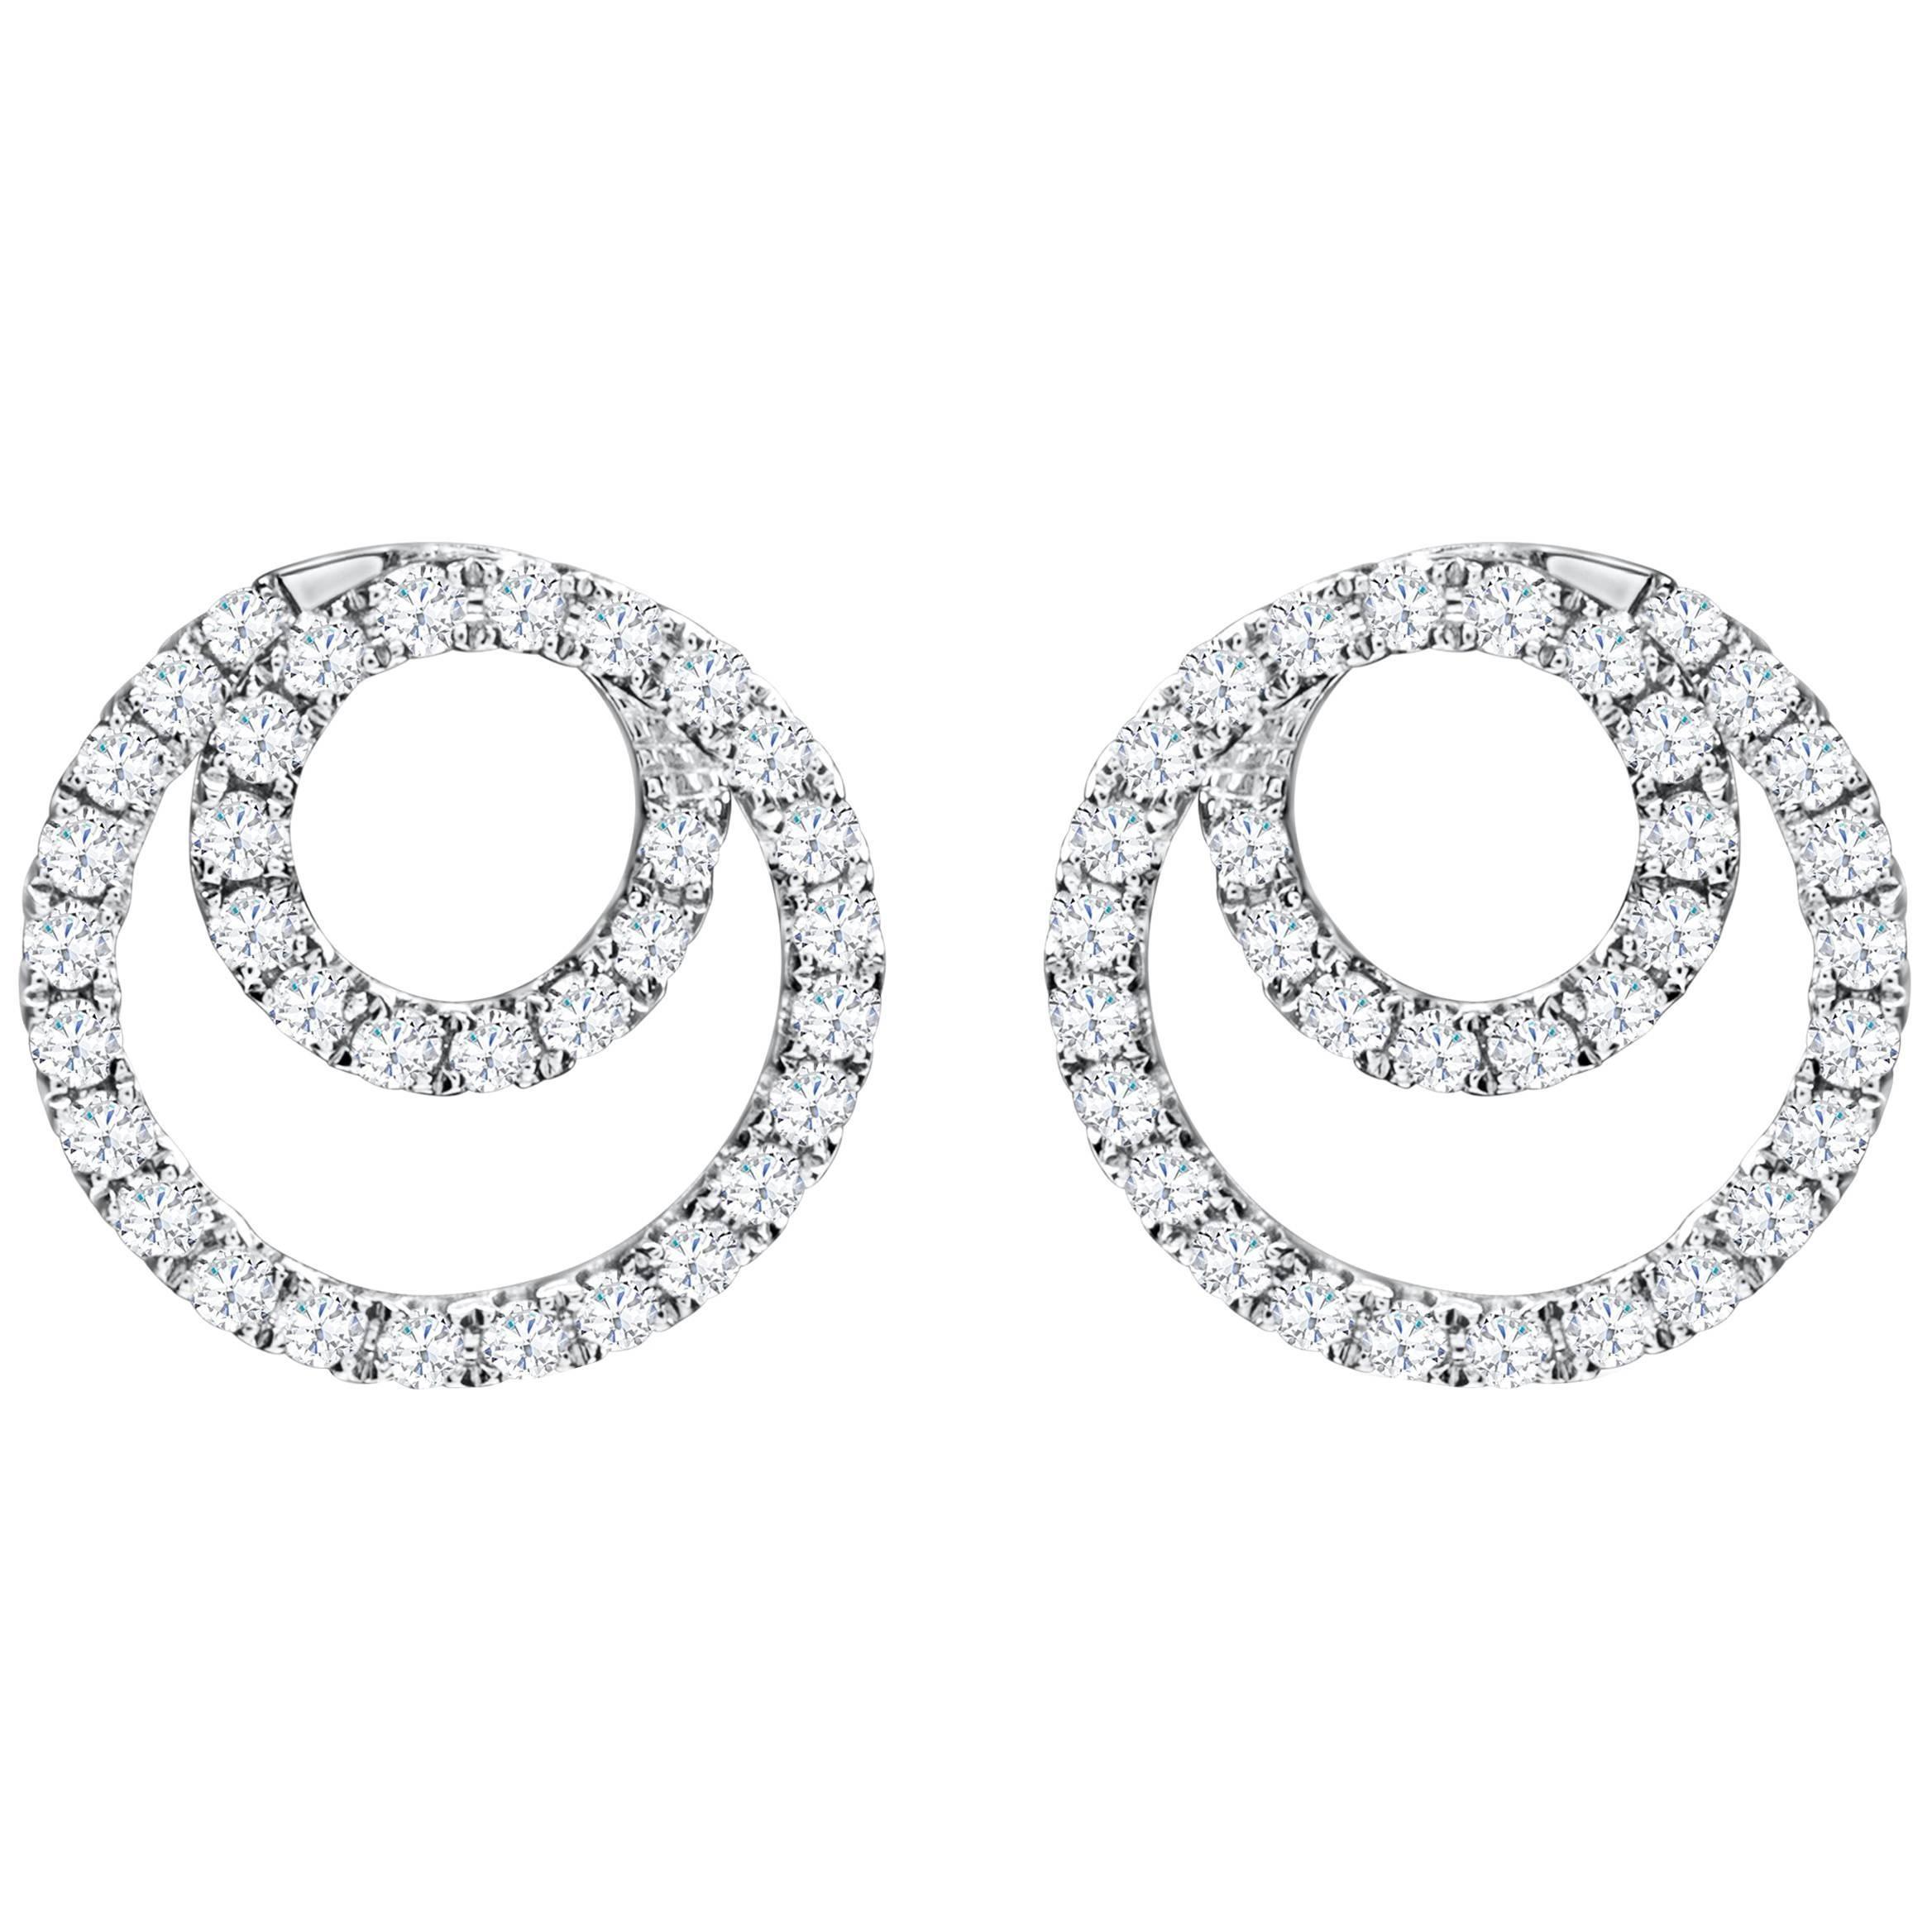 Cluster Diamond Gold Swirl Stud Earrings